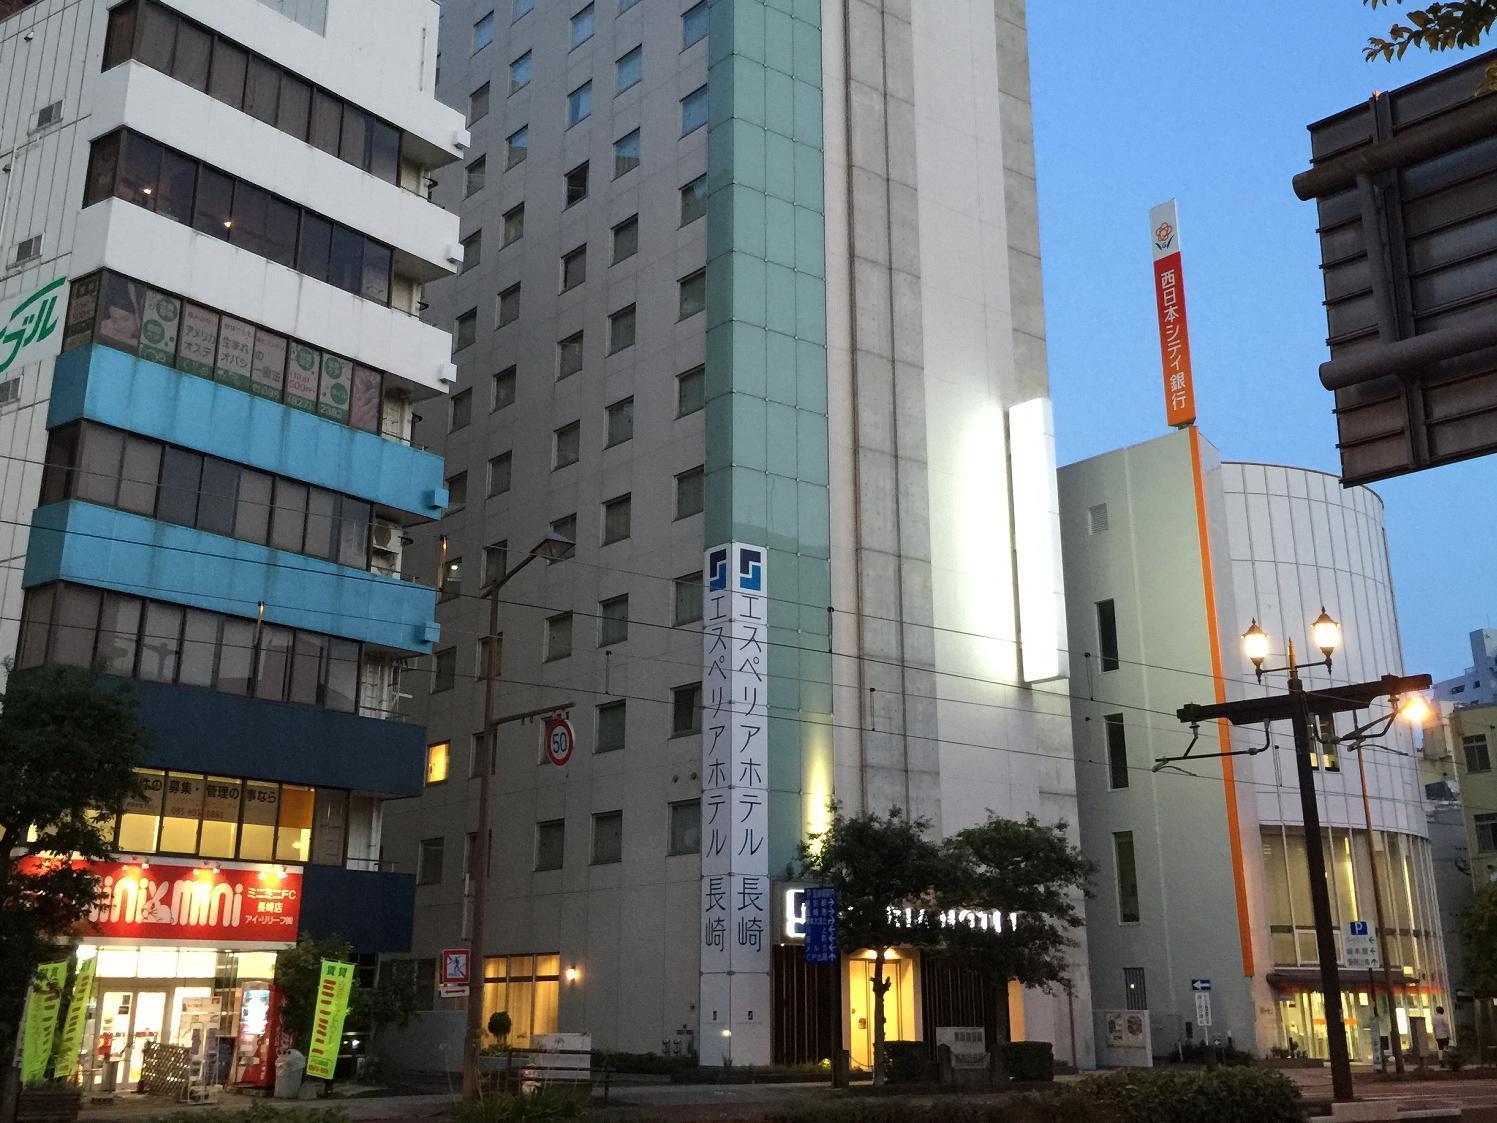 エスペリアホテル長崎 (S-Peria Hotel Nagasaki) クチコミあり - 長崎